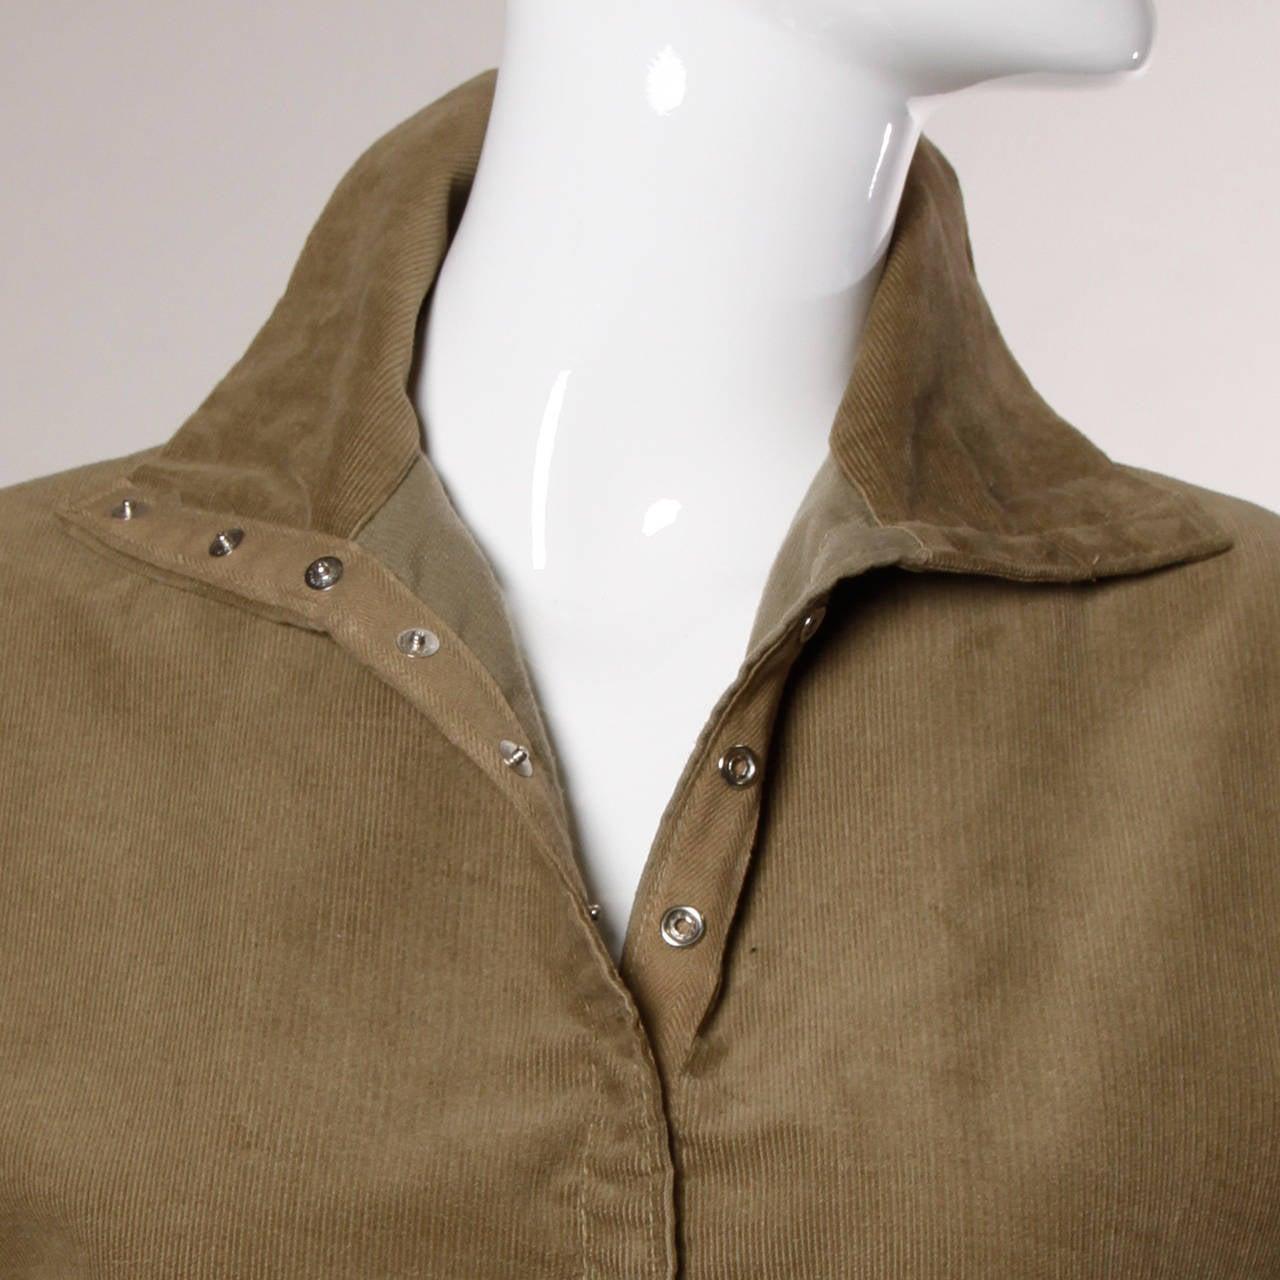 Norma Kamali Vintage Avant Garde Top or Jacket For Sale 5